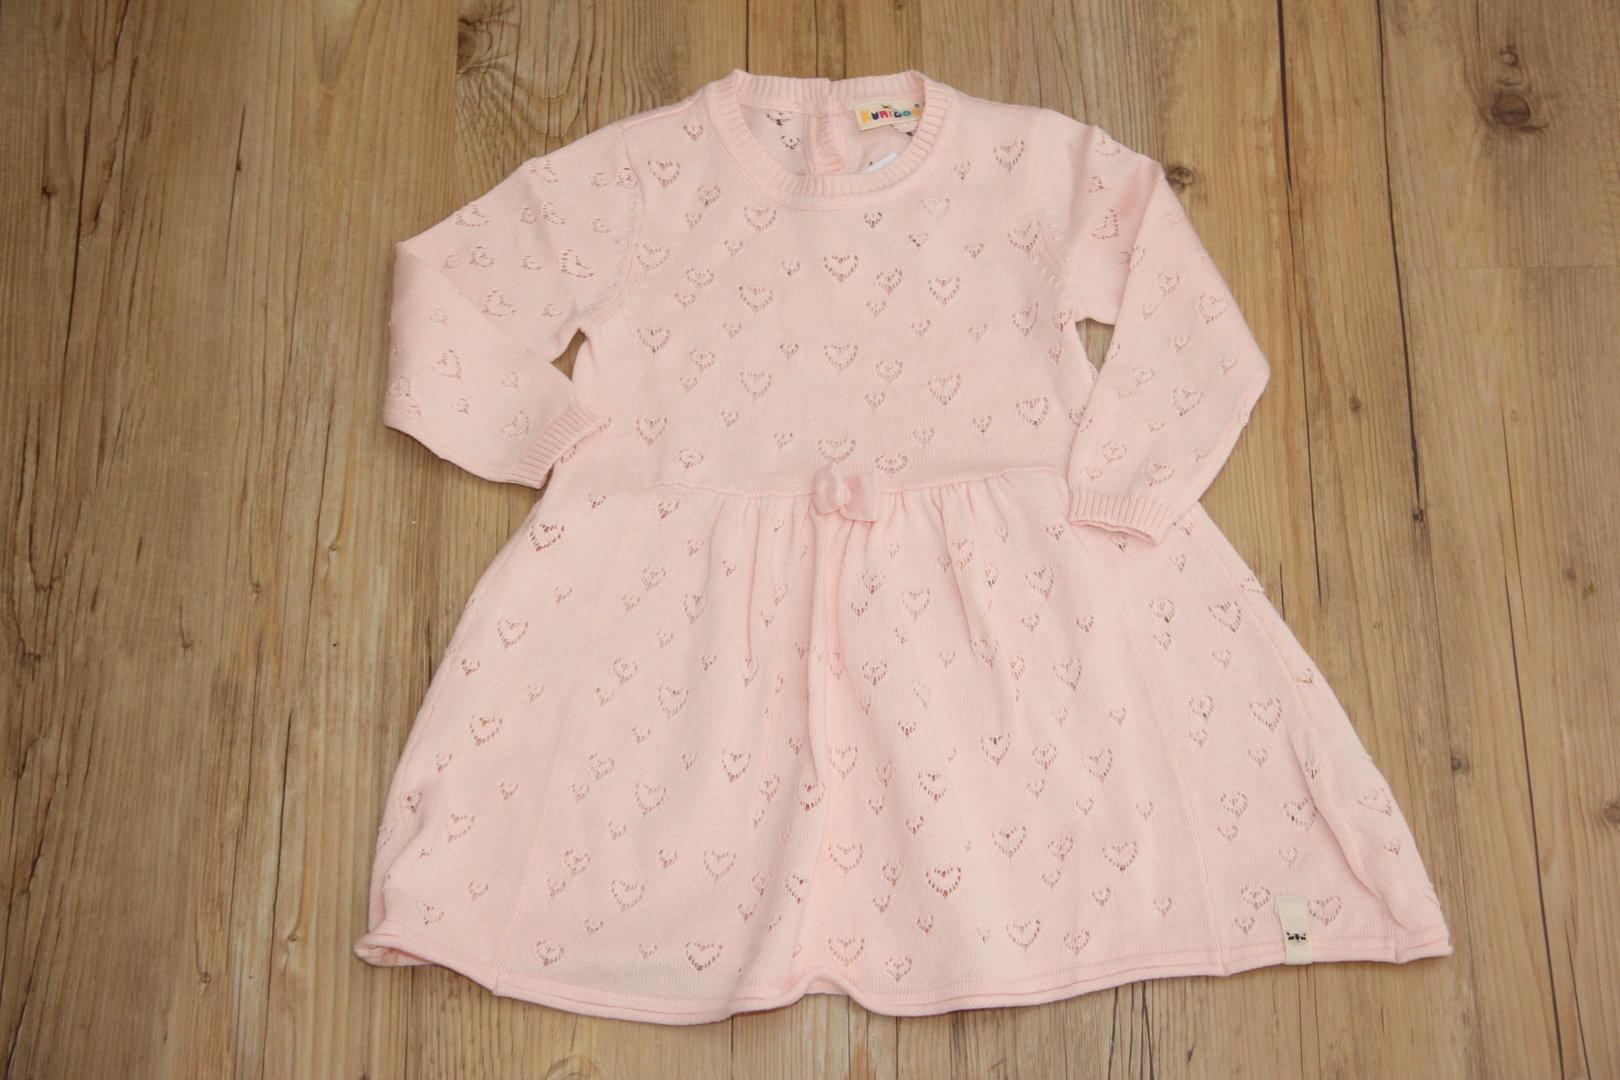 rosa Kleid mit Herzchen - Gr. 74/80 - 2nd Händchen